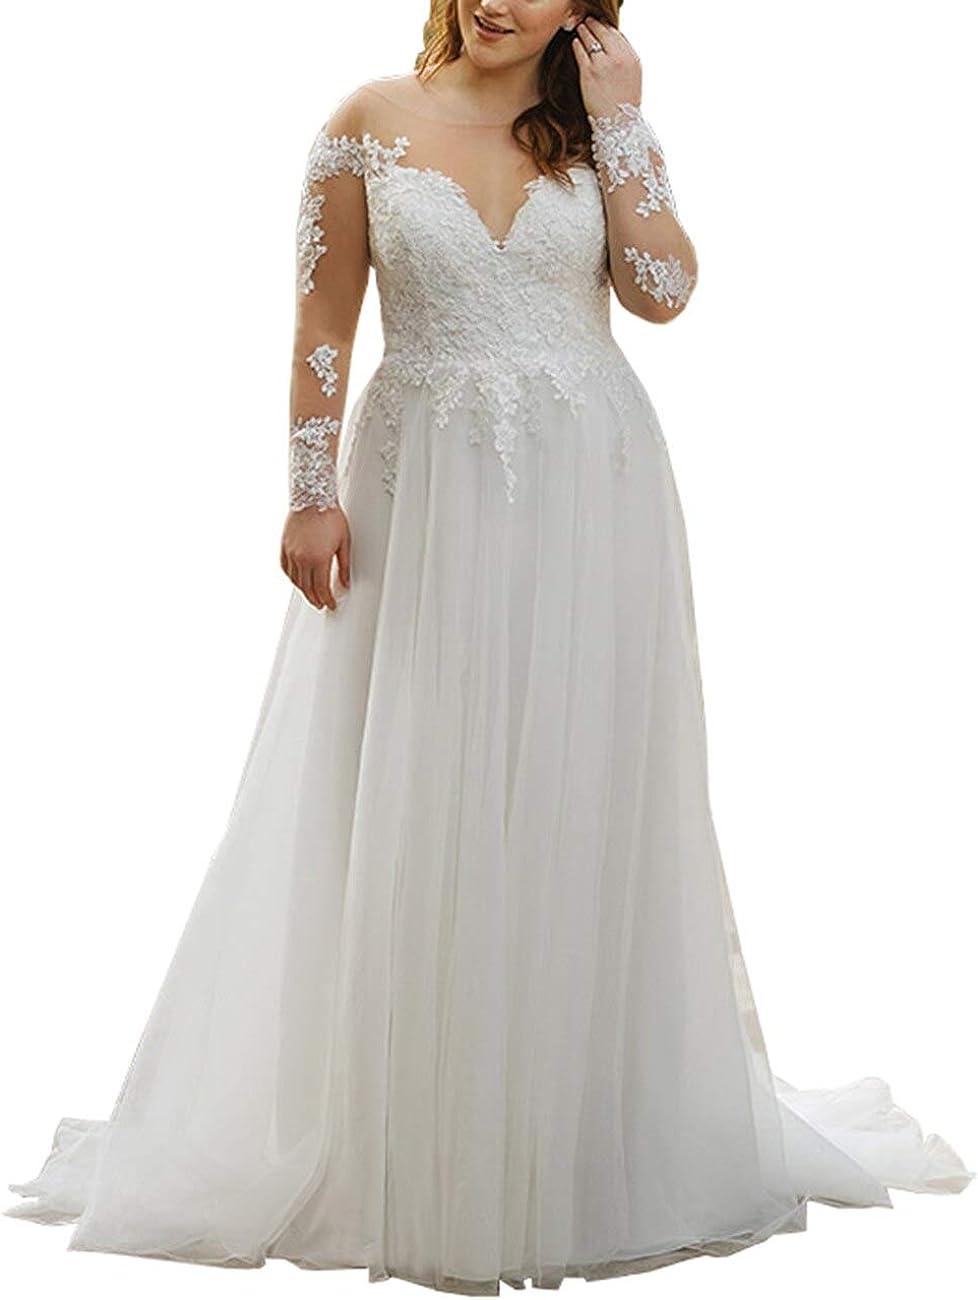 Mulanbridal Beach Wedding Dresses Plus Size Lace Chiffon Bridal ...